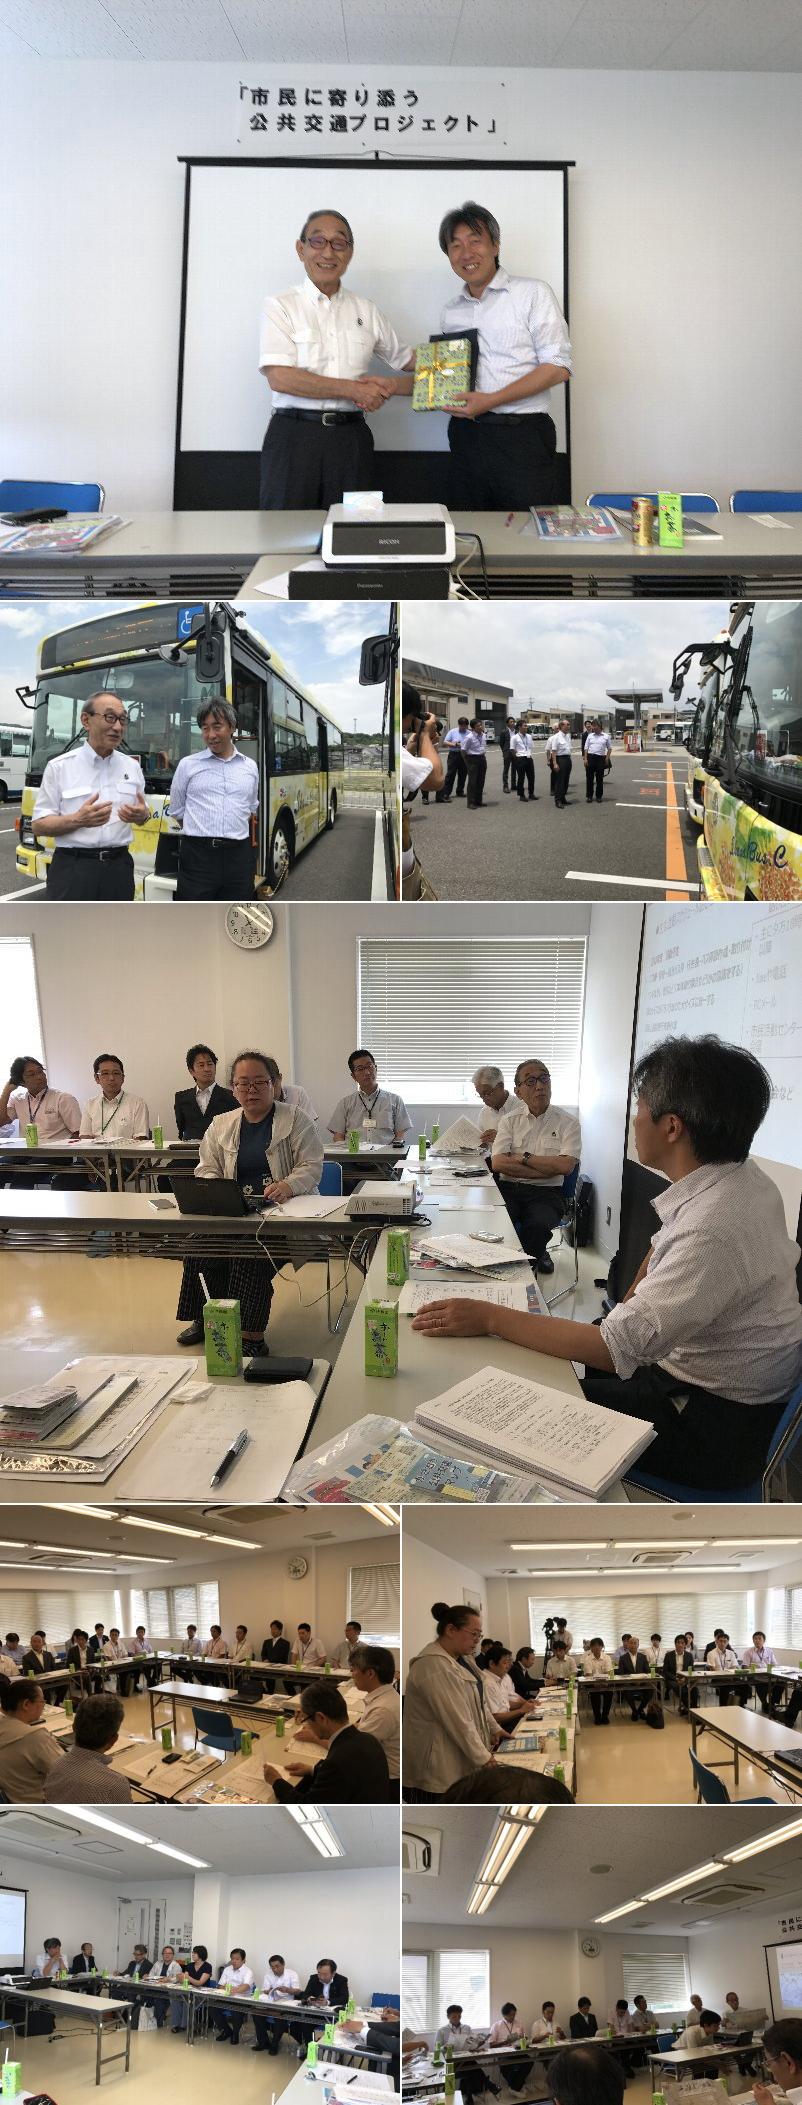 市民に寄り添う公共交通・井笠地域プロジェクト キックオフ!